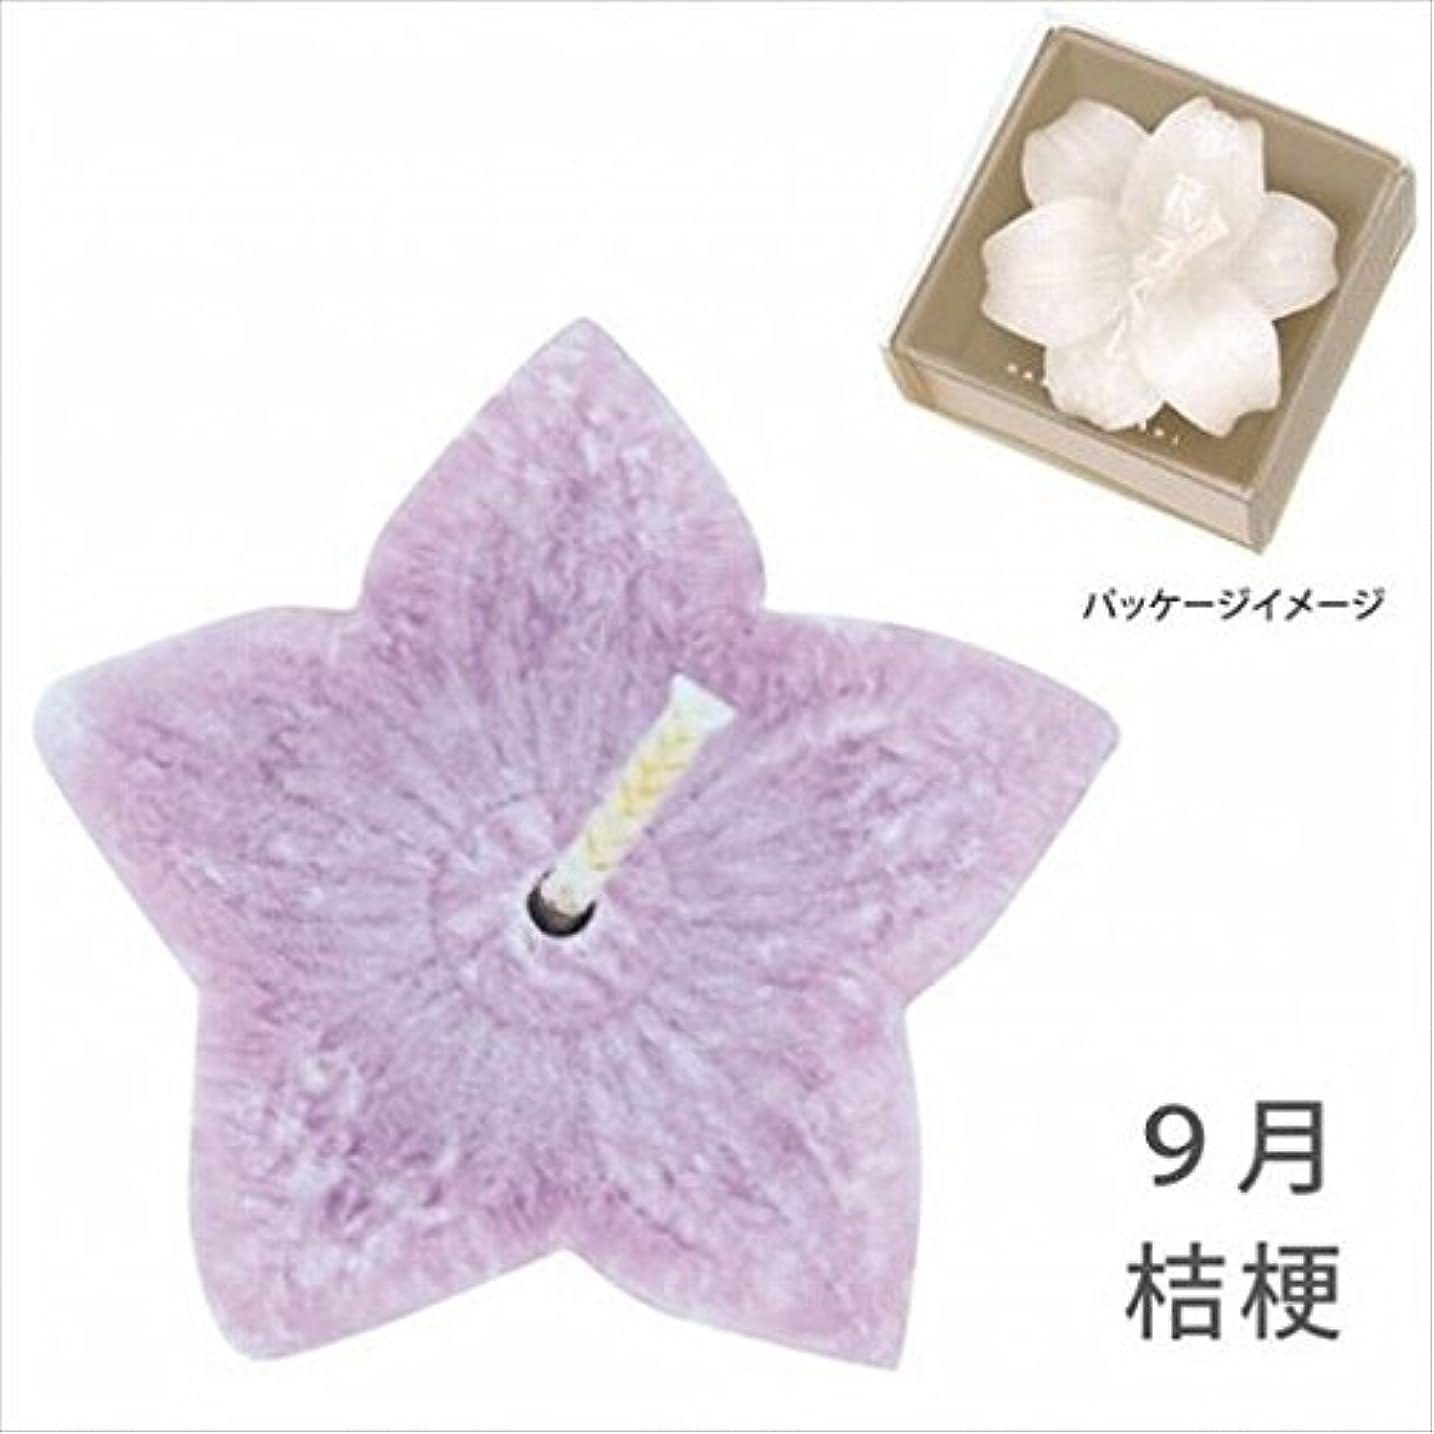 よく話されるあなたが良くなります芝生kameyama candle(カメヤマキャンドル) 花づくし(植物性) 桔梗 「 桔梗(9月) 」 キャンドル(A4620510)